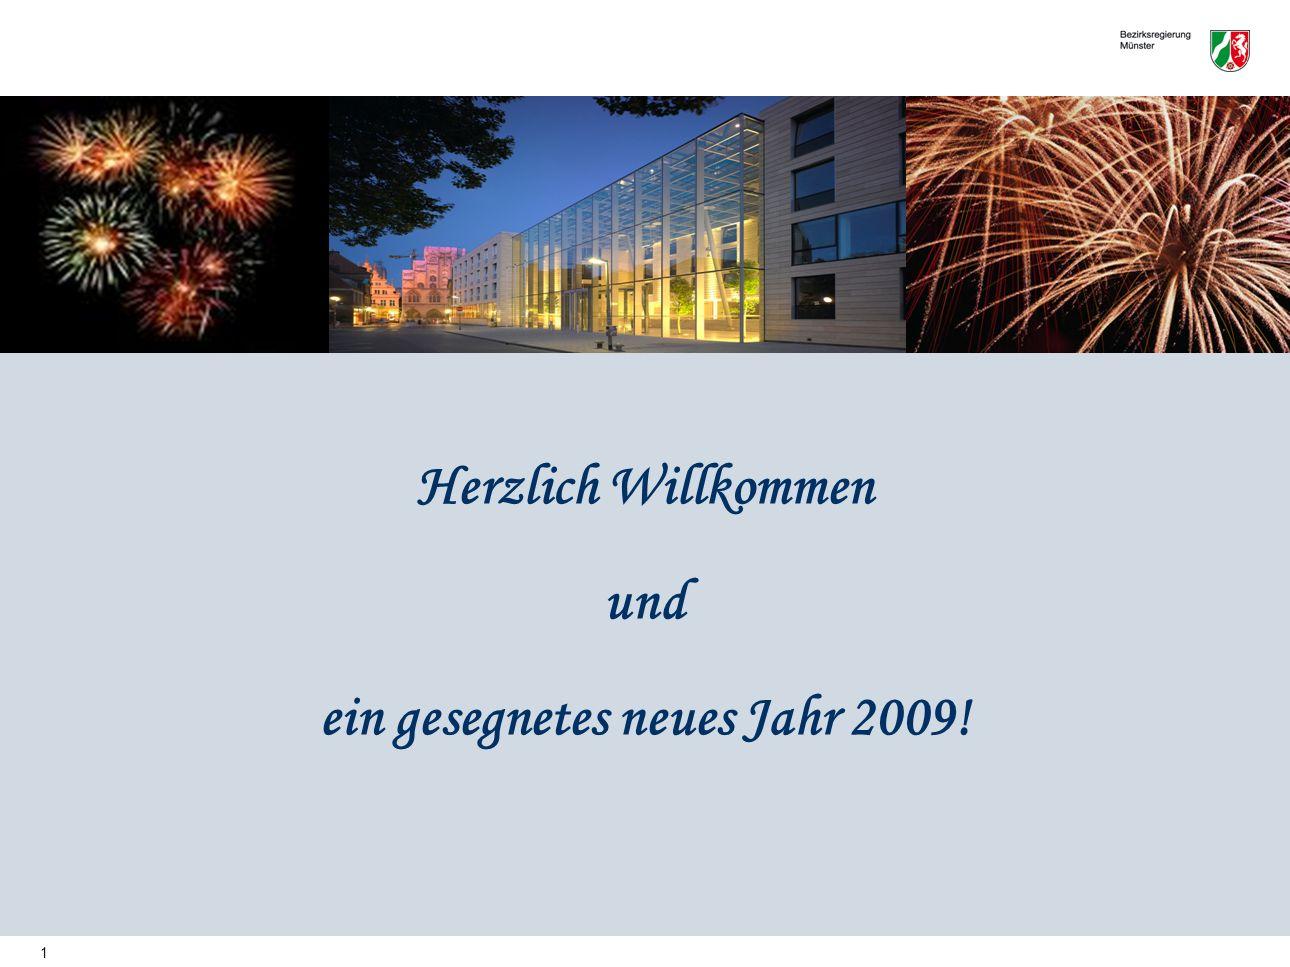 1 Herzlich Willkommen und ein gesegnetes neues Jahr 2009!